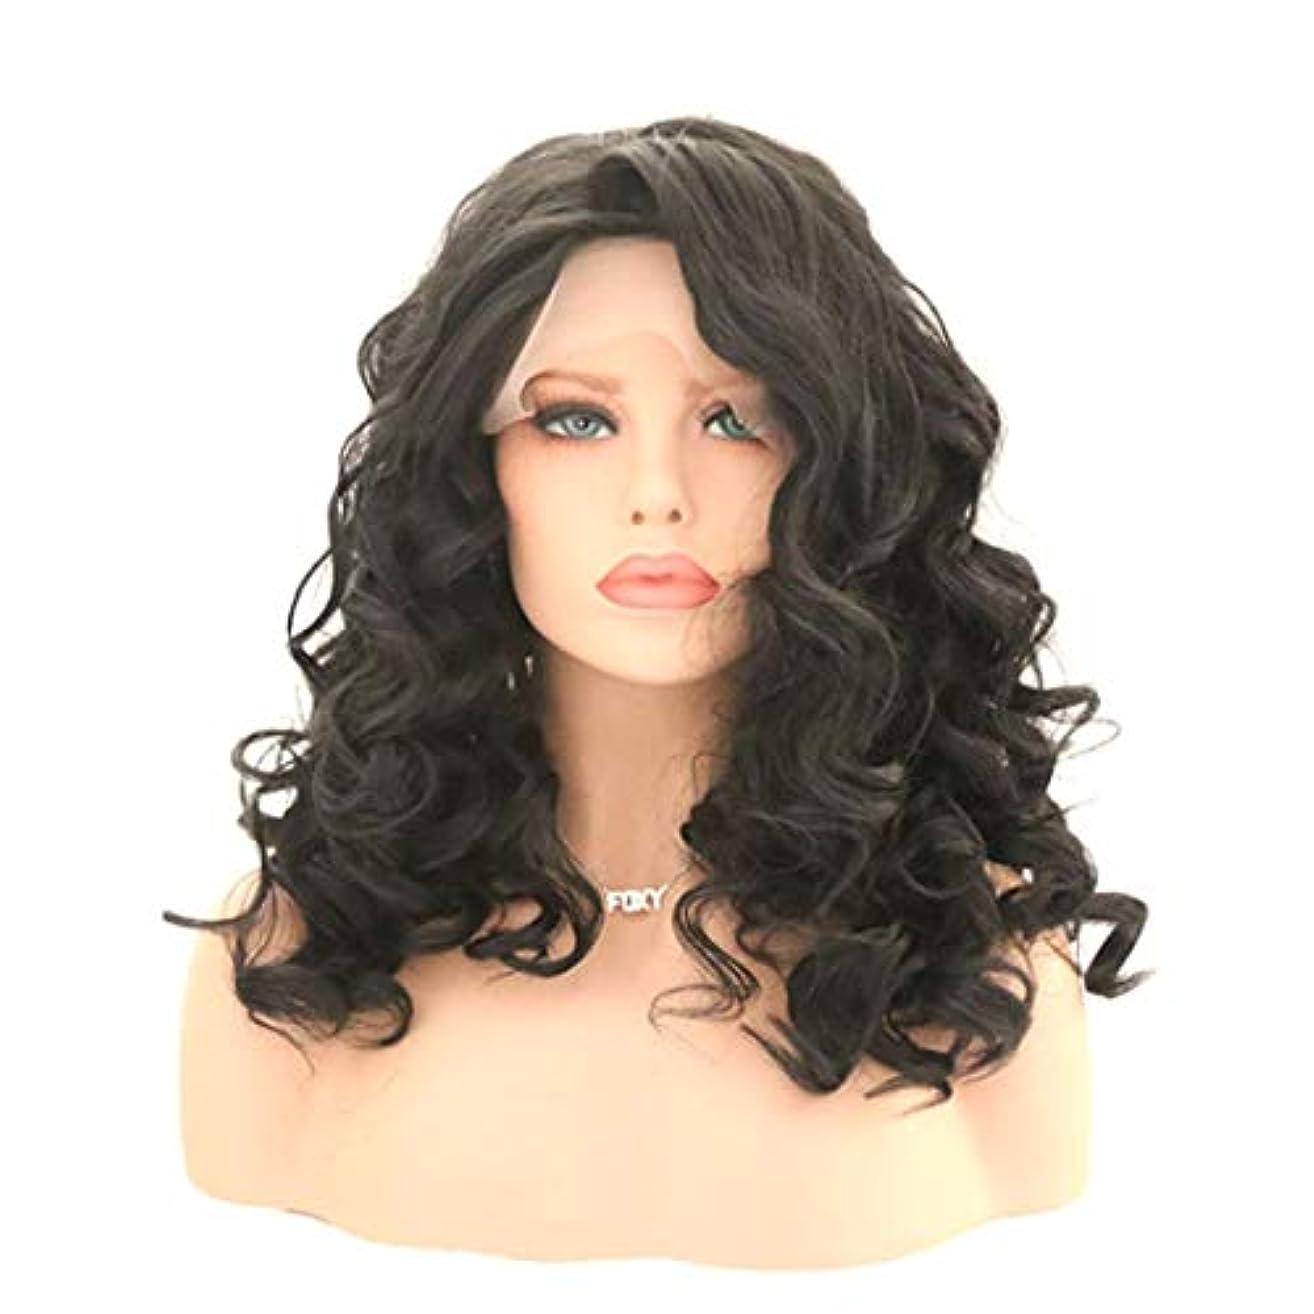 まどろみのあるコーンビリーSummerys 女性のためのカーリー波状かつら前髪付きかつら人工毛髪かつら自然なかつら (Size : 16 inches)